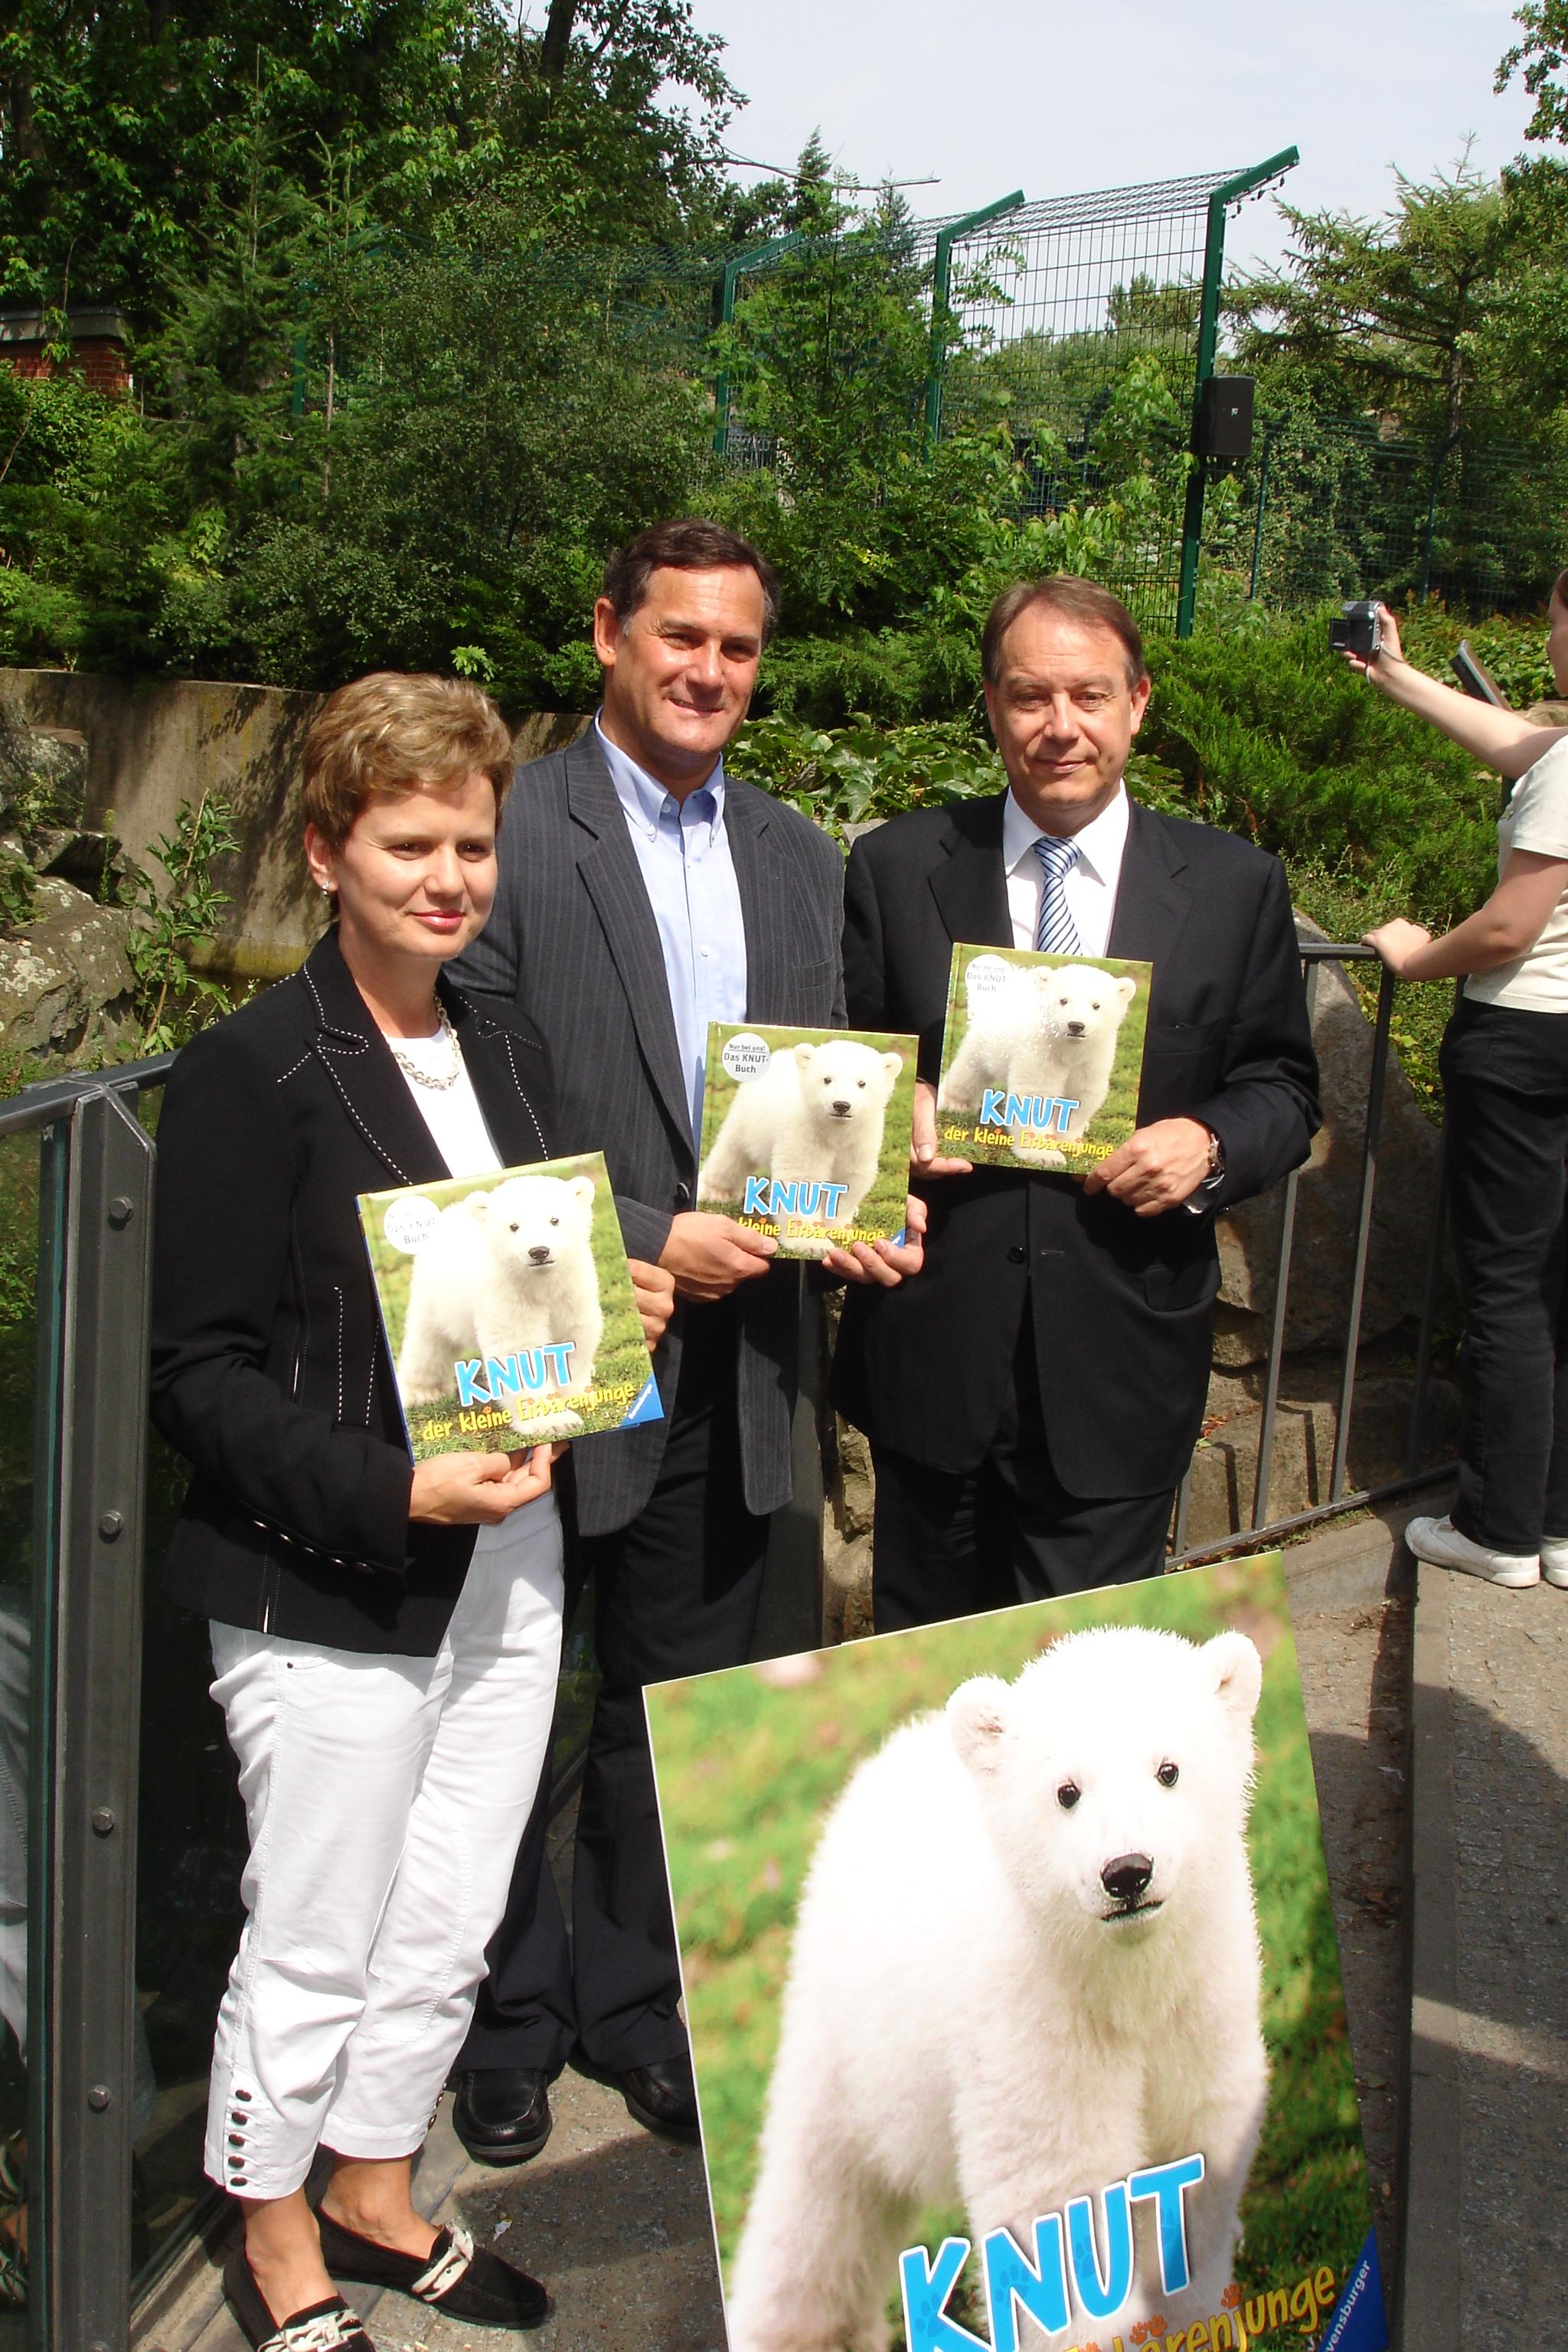 """Präsentation des einzigen offiziellen Buchs über den kleinen Eisbär """"Knut"""" im Berliner Zoo"""